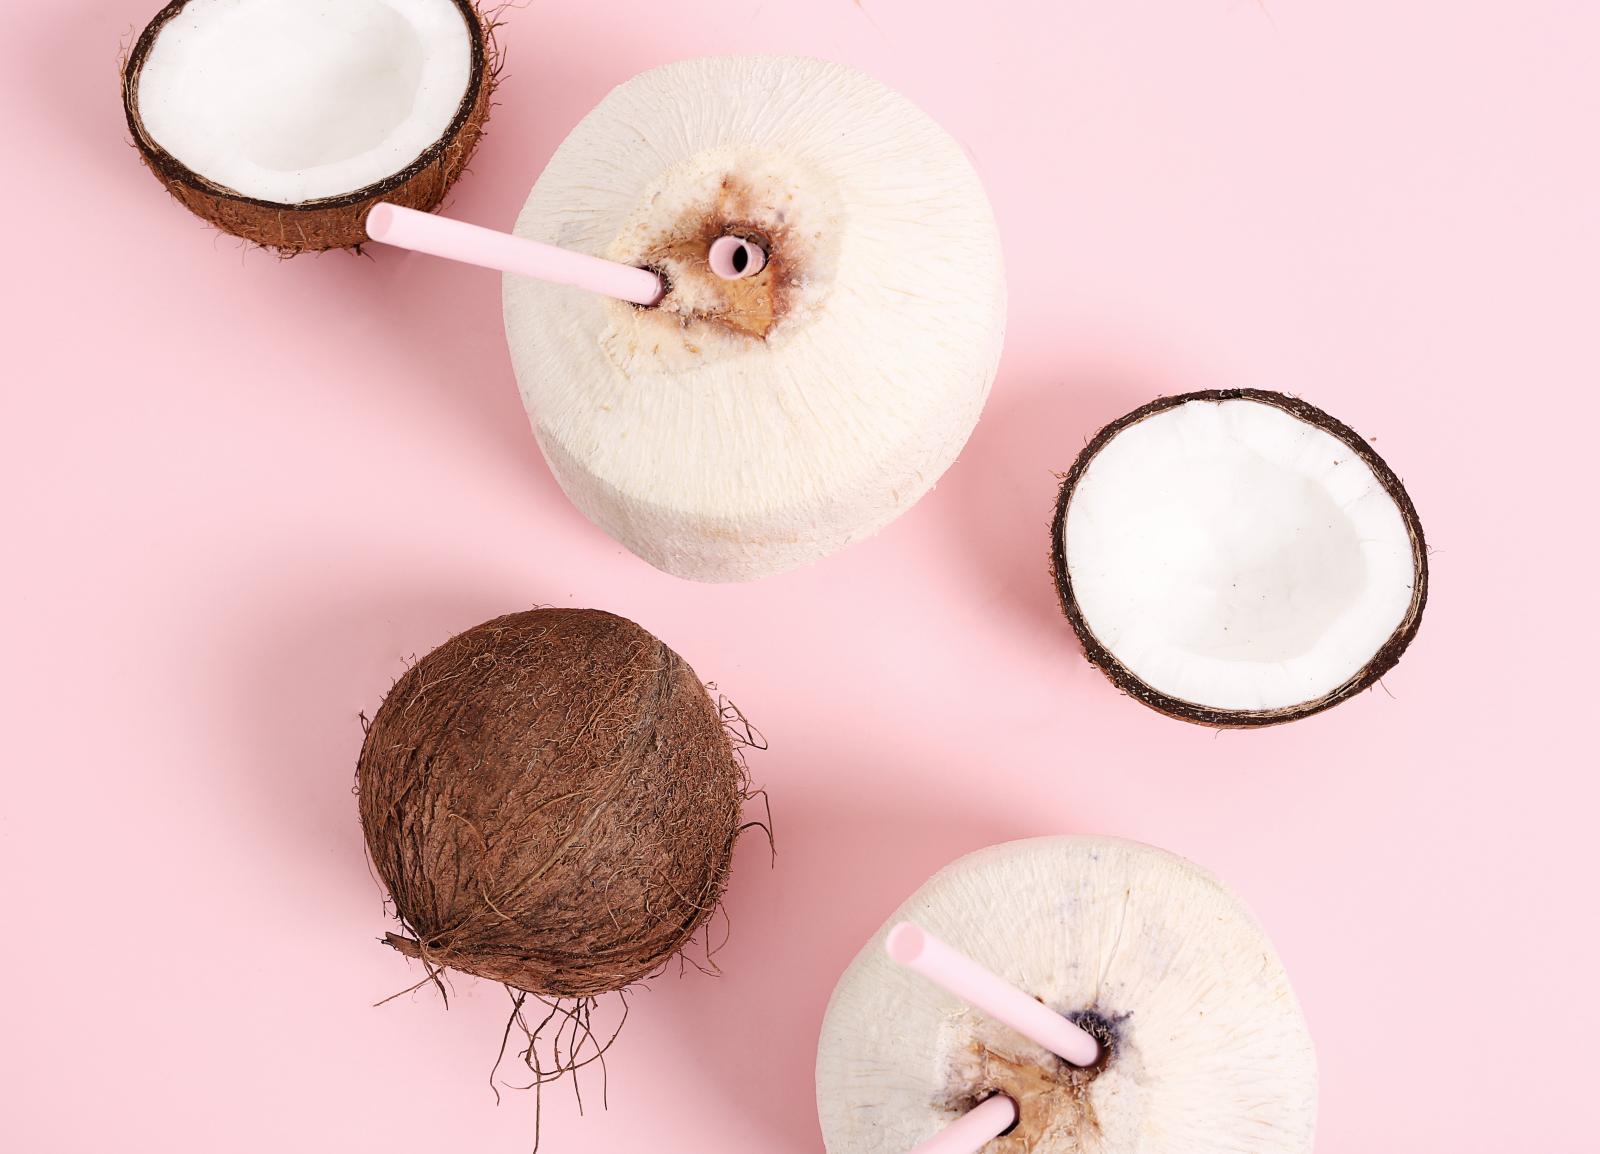 Kokos ima svojstva koja pomažu da se dulje vrijeme osjećamo siti.